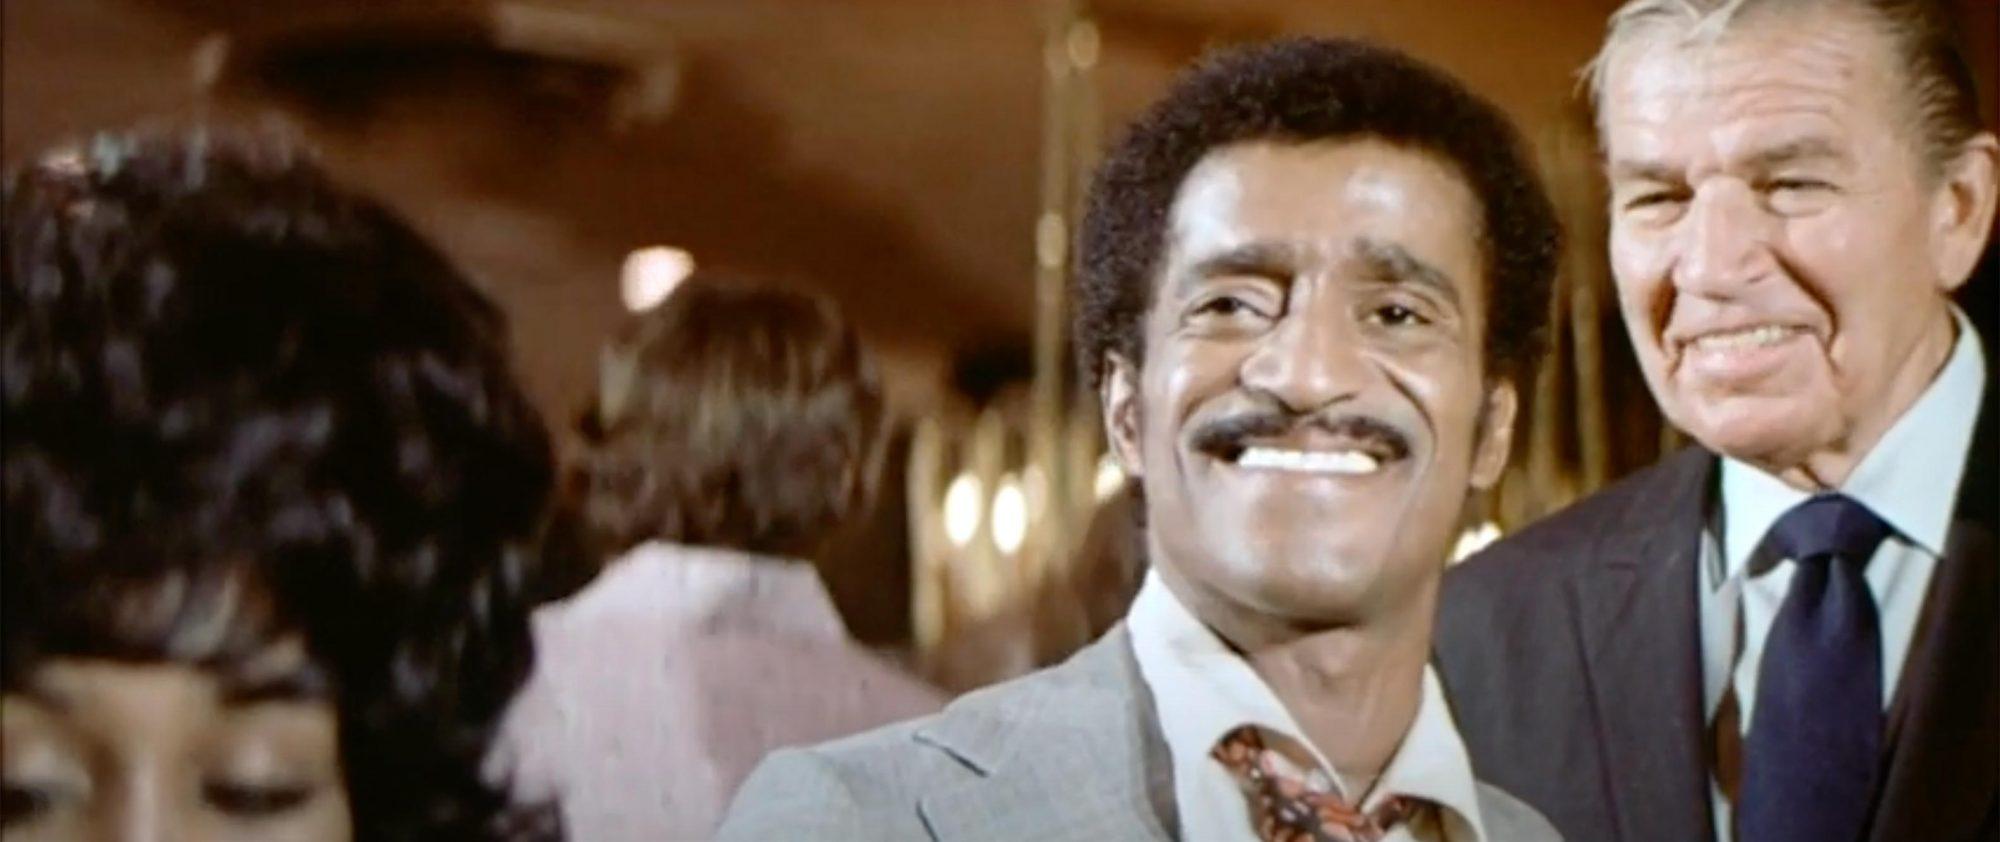 Bond Cameos Sammy Davis Jr. in Diamonds Are Forever